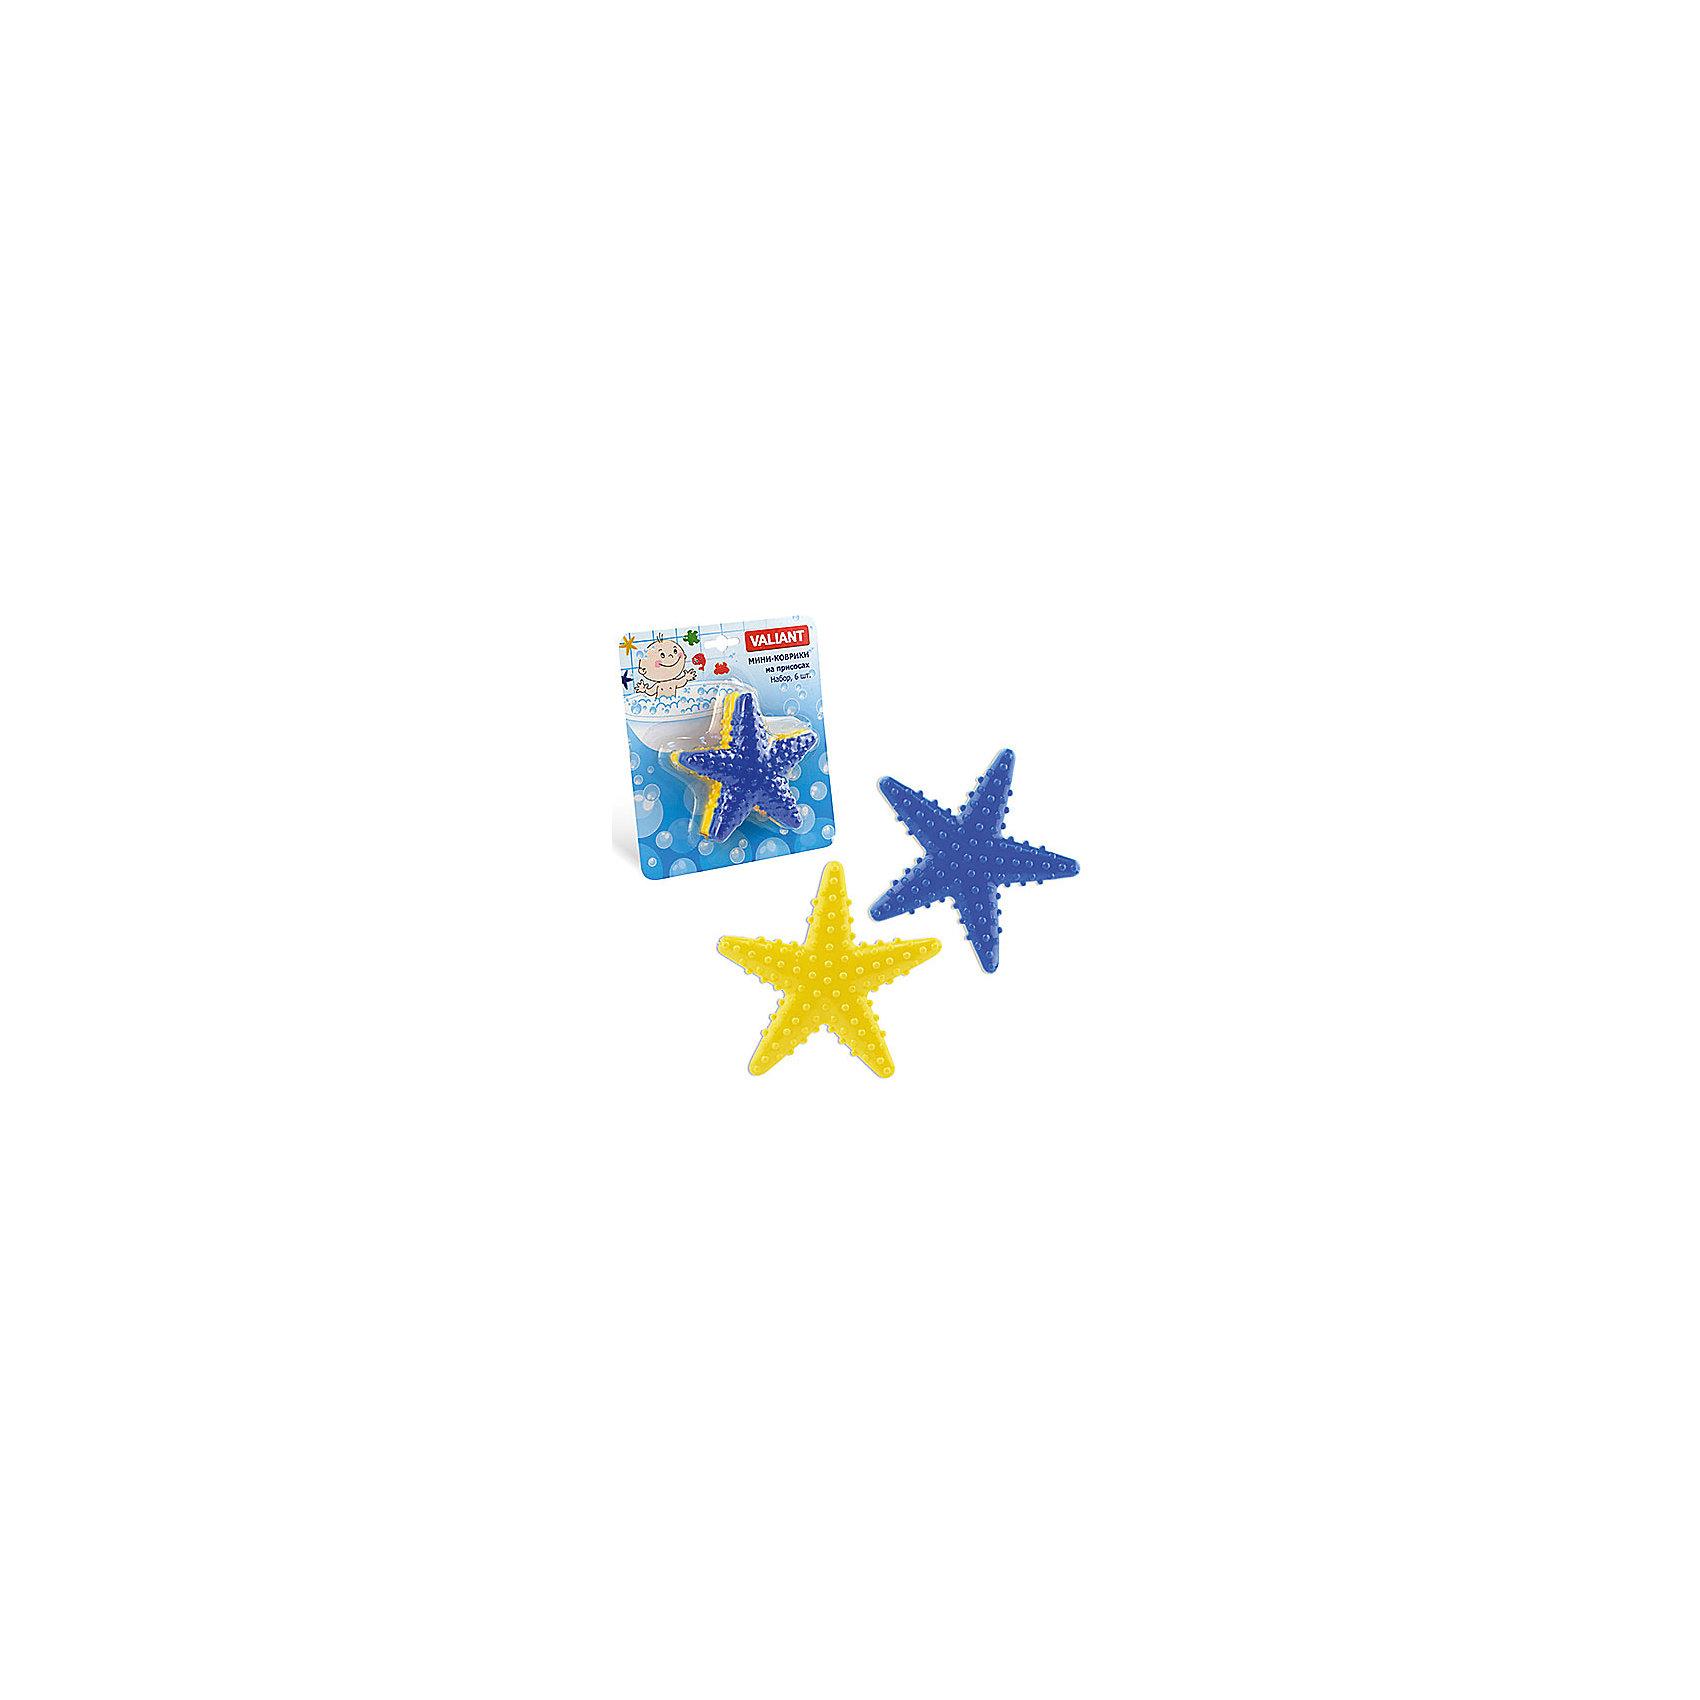 Набор ковриков Звезда на присосках (6 шт)Ванная комната<br>Мини-коврики для ванной комнаты - это яркое дополнение к купанию малыша. Это и игра и развитие моторики и изучение зверушек. <br>Колоссальный и постоянно растущий спрос на них обусловлен реакцией малышей и их мам на данное изобретение по всему миру.<br>Мини-коврики снабжены присосками и превосходно клеятся на влажный кафель.<br><br>Ширина мм: 110<br>Глубина мм: 110<br>Высота мм: 50<br>Вес г: 98<br>Возраст от месяцев: -2147483648<br>Возраст до месяцев: 2147483647<br>Пол: Унисекс<br>Возраст: Детский<br>SKU: 4563317